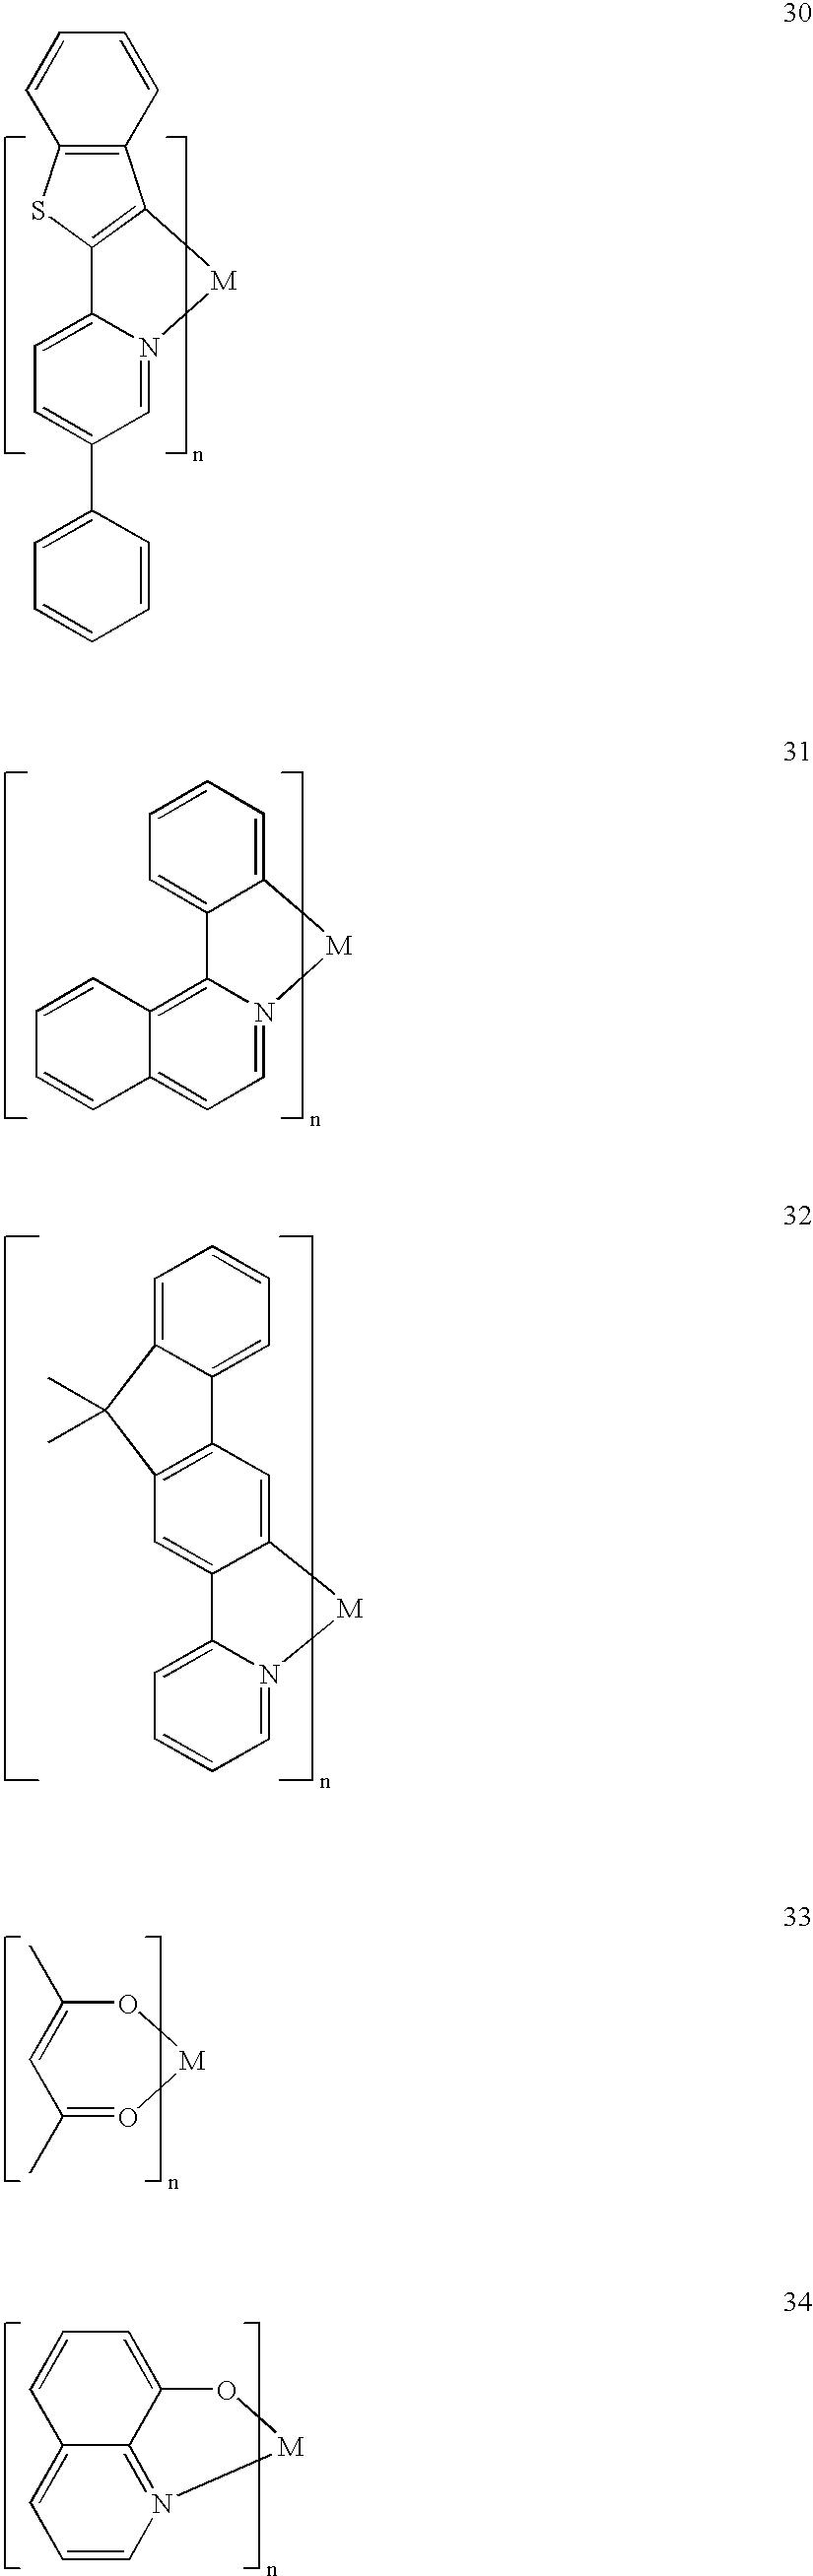 Figure US20030152802A1-20030814-C00012